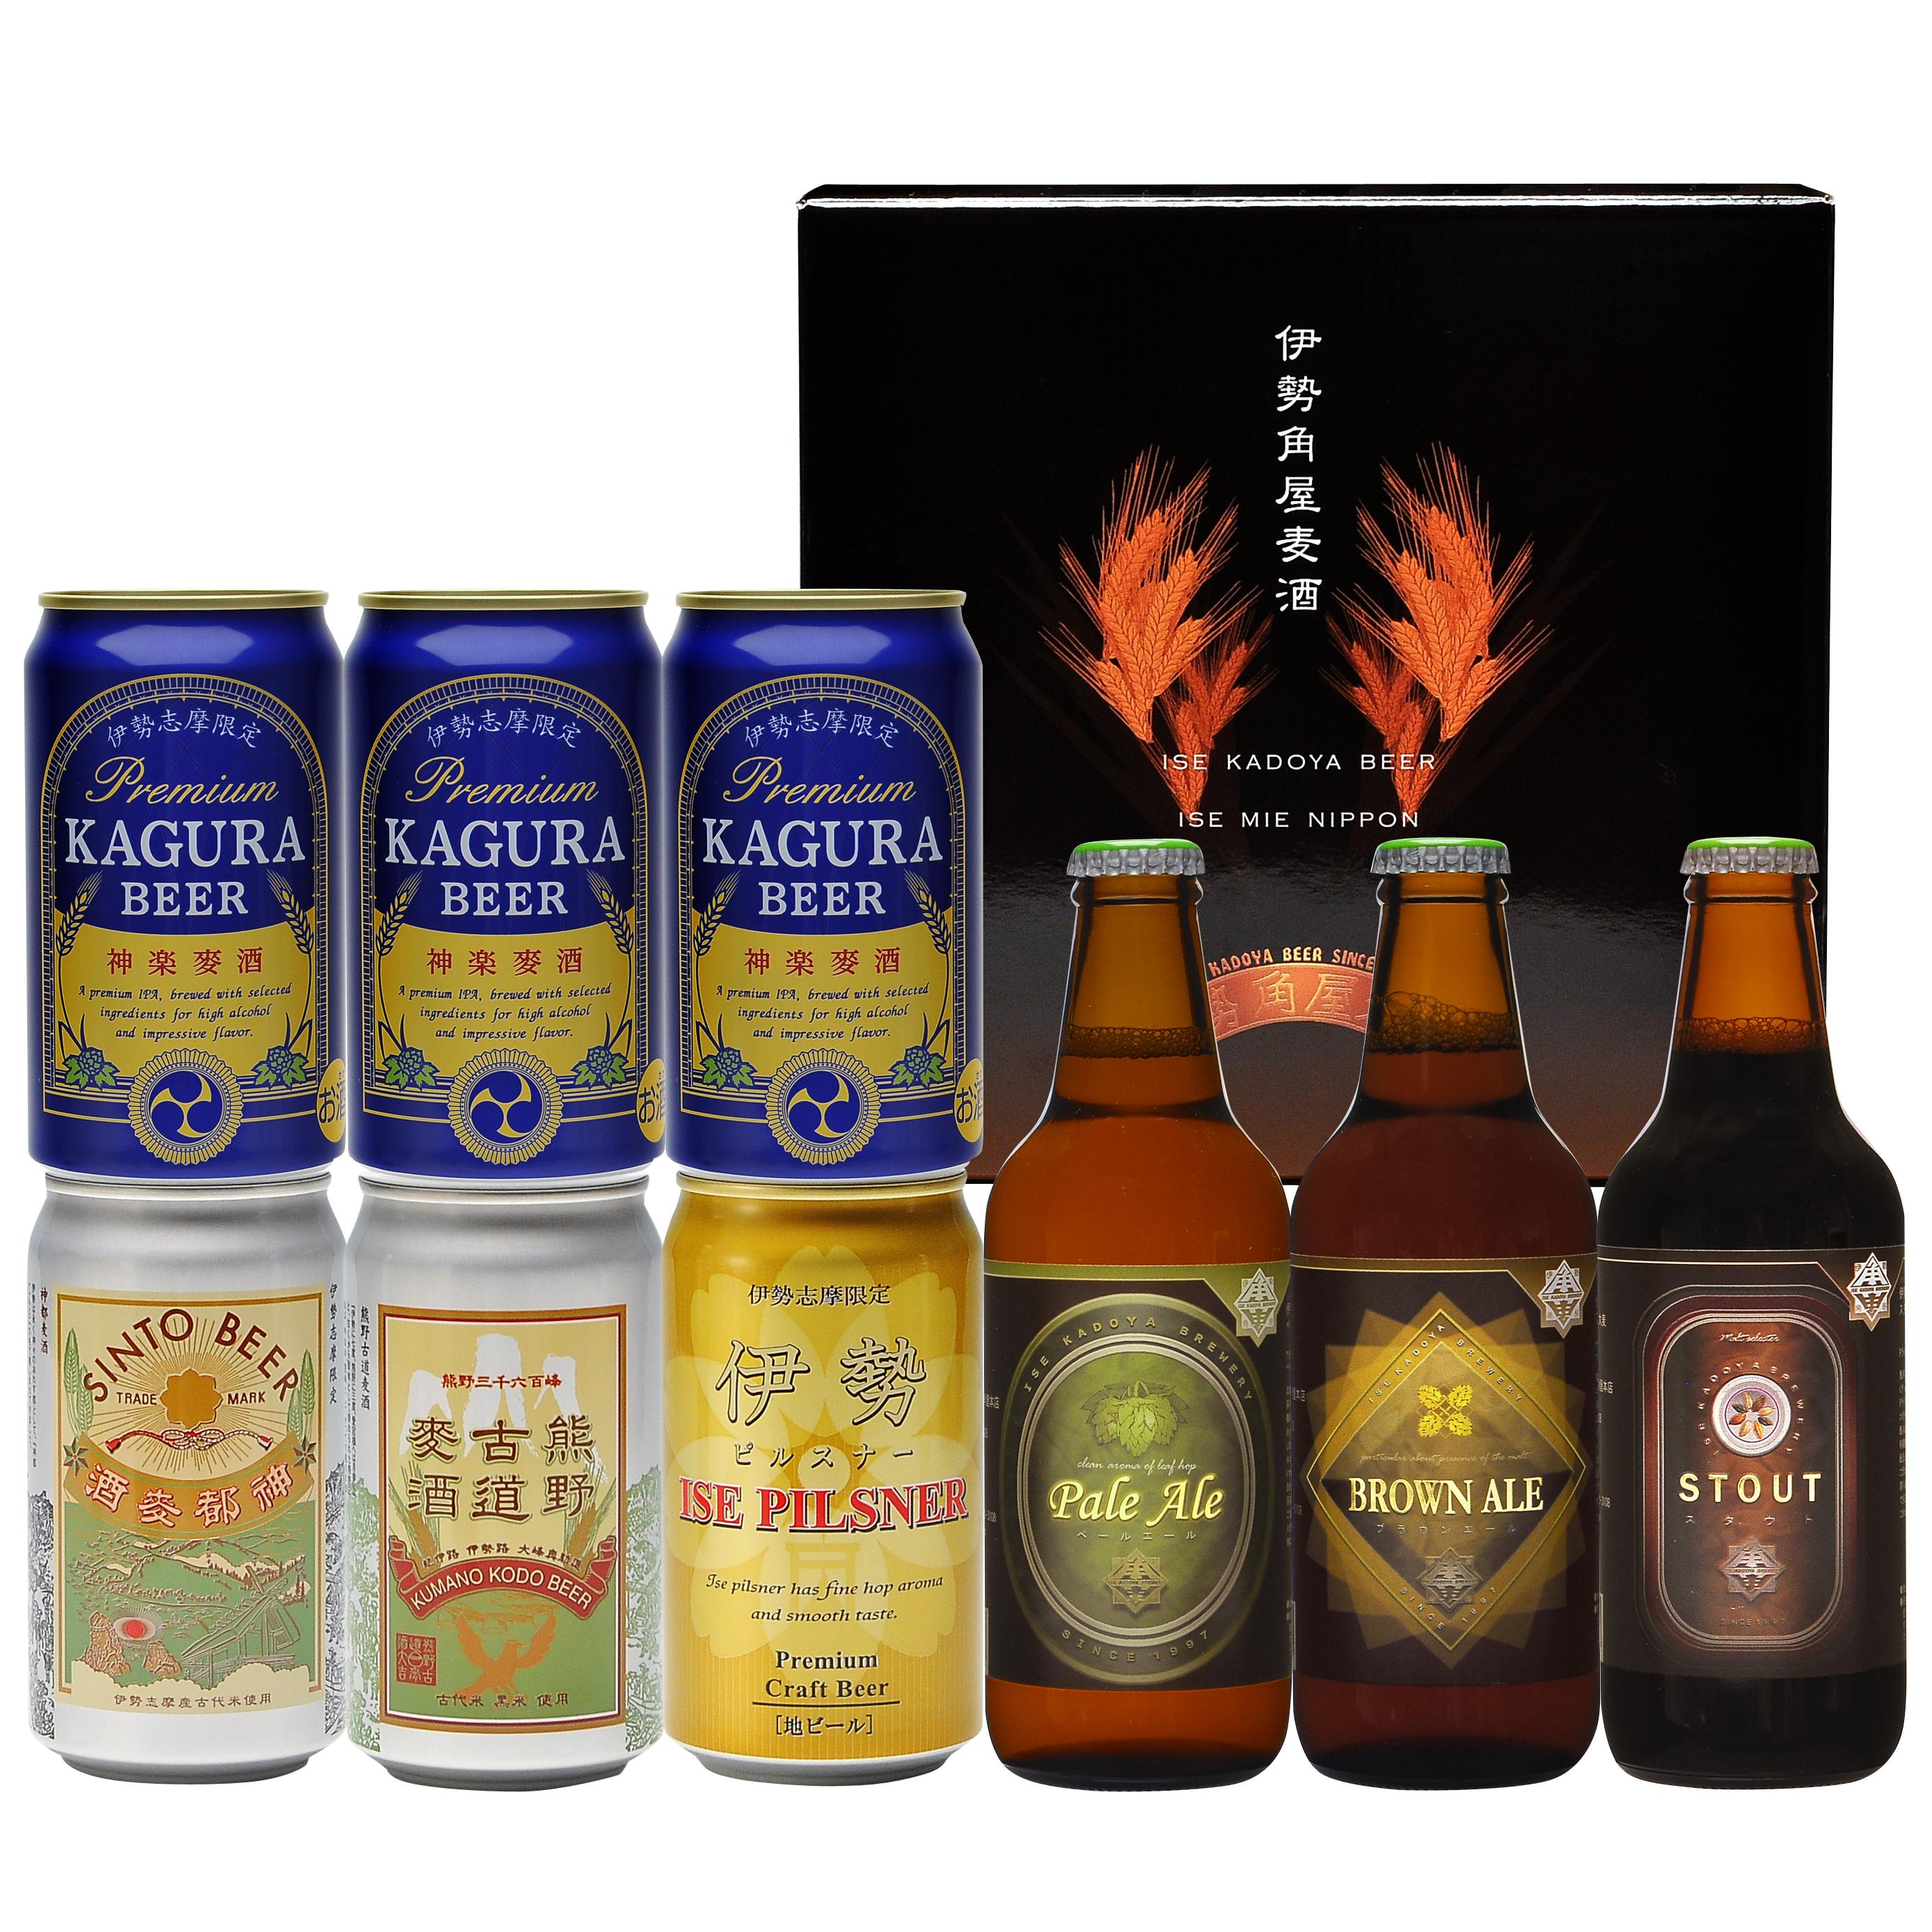 【37】アソートセット ISKPKA-39 冷蔵直送